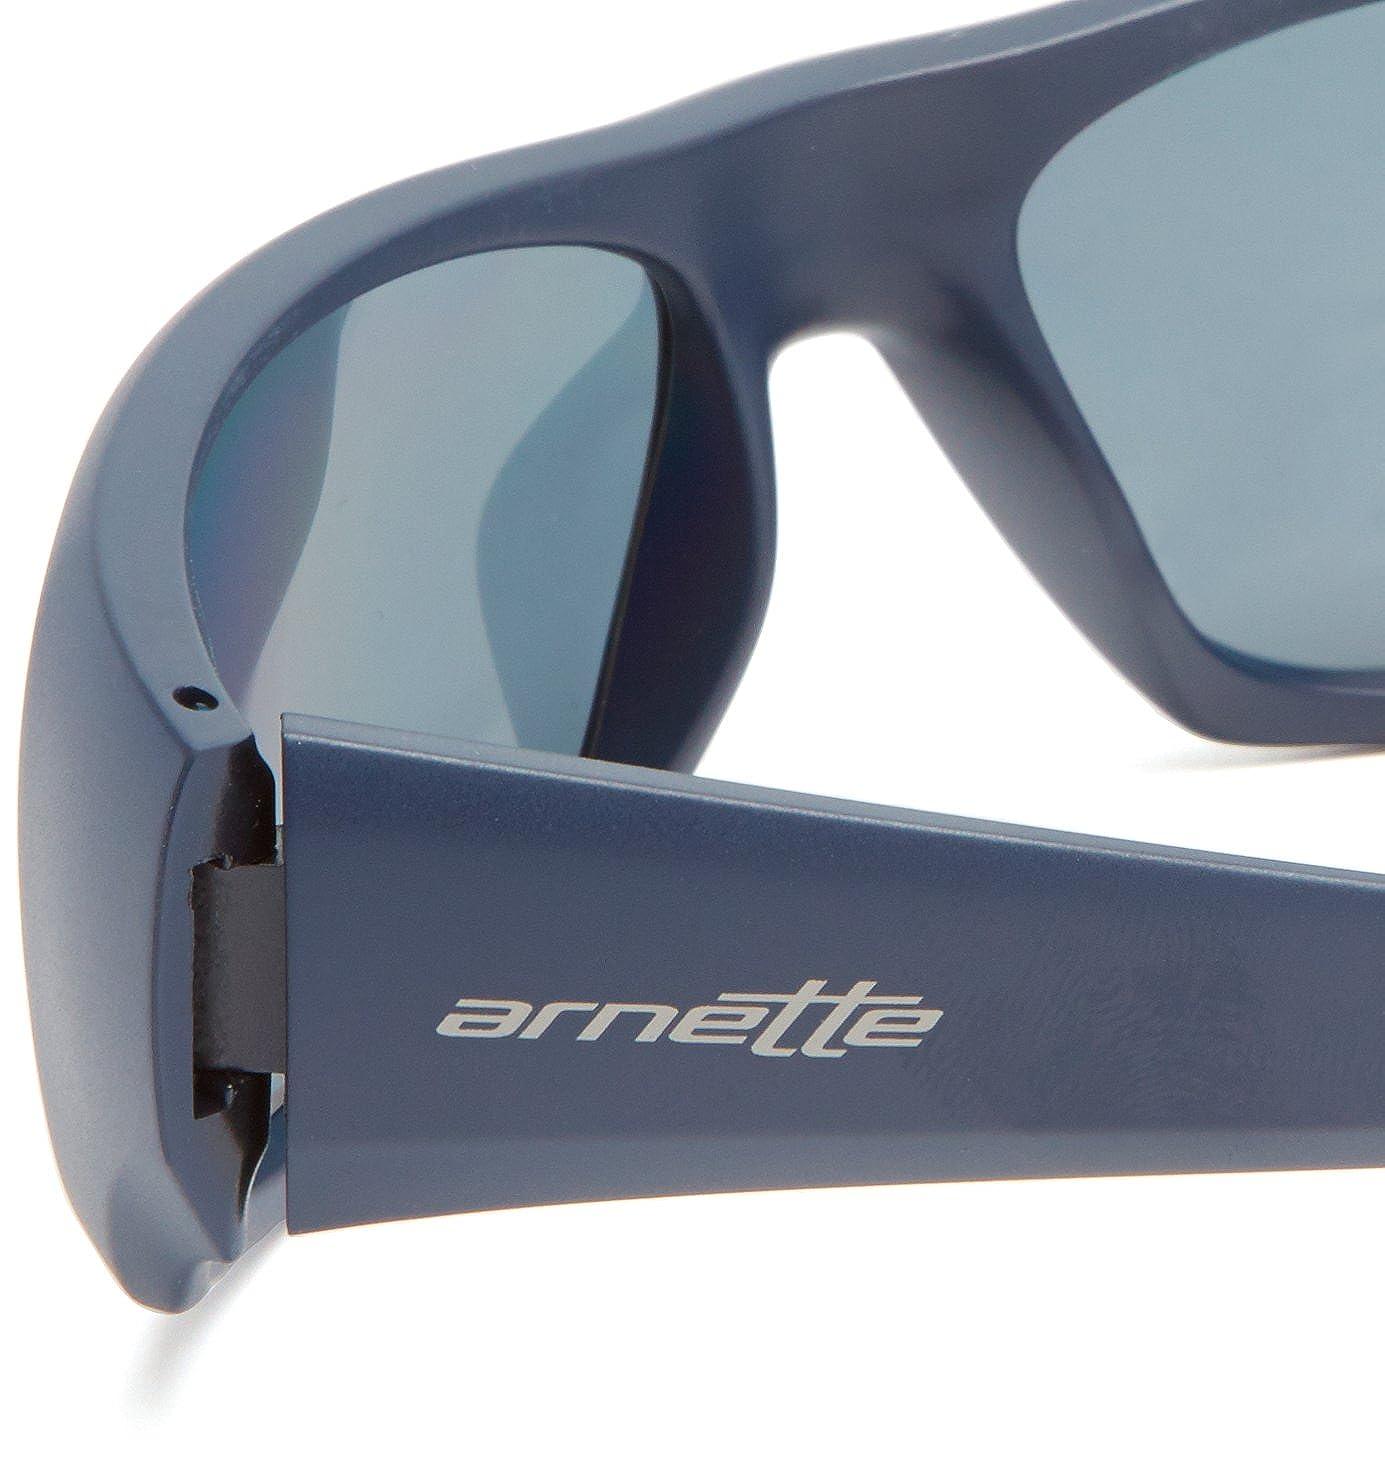 3d53363fd8 Sunglasses Restorer Lentes Polarizadas de Recambio Black Iridium para  Arnette Witch Doctor. Comprar. Compartir: Arnette Hot Shot, Gafas de Sol  para Hombre, ...